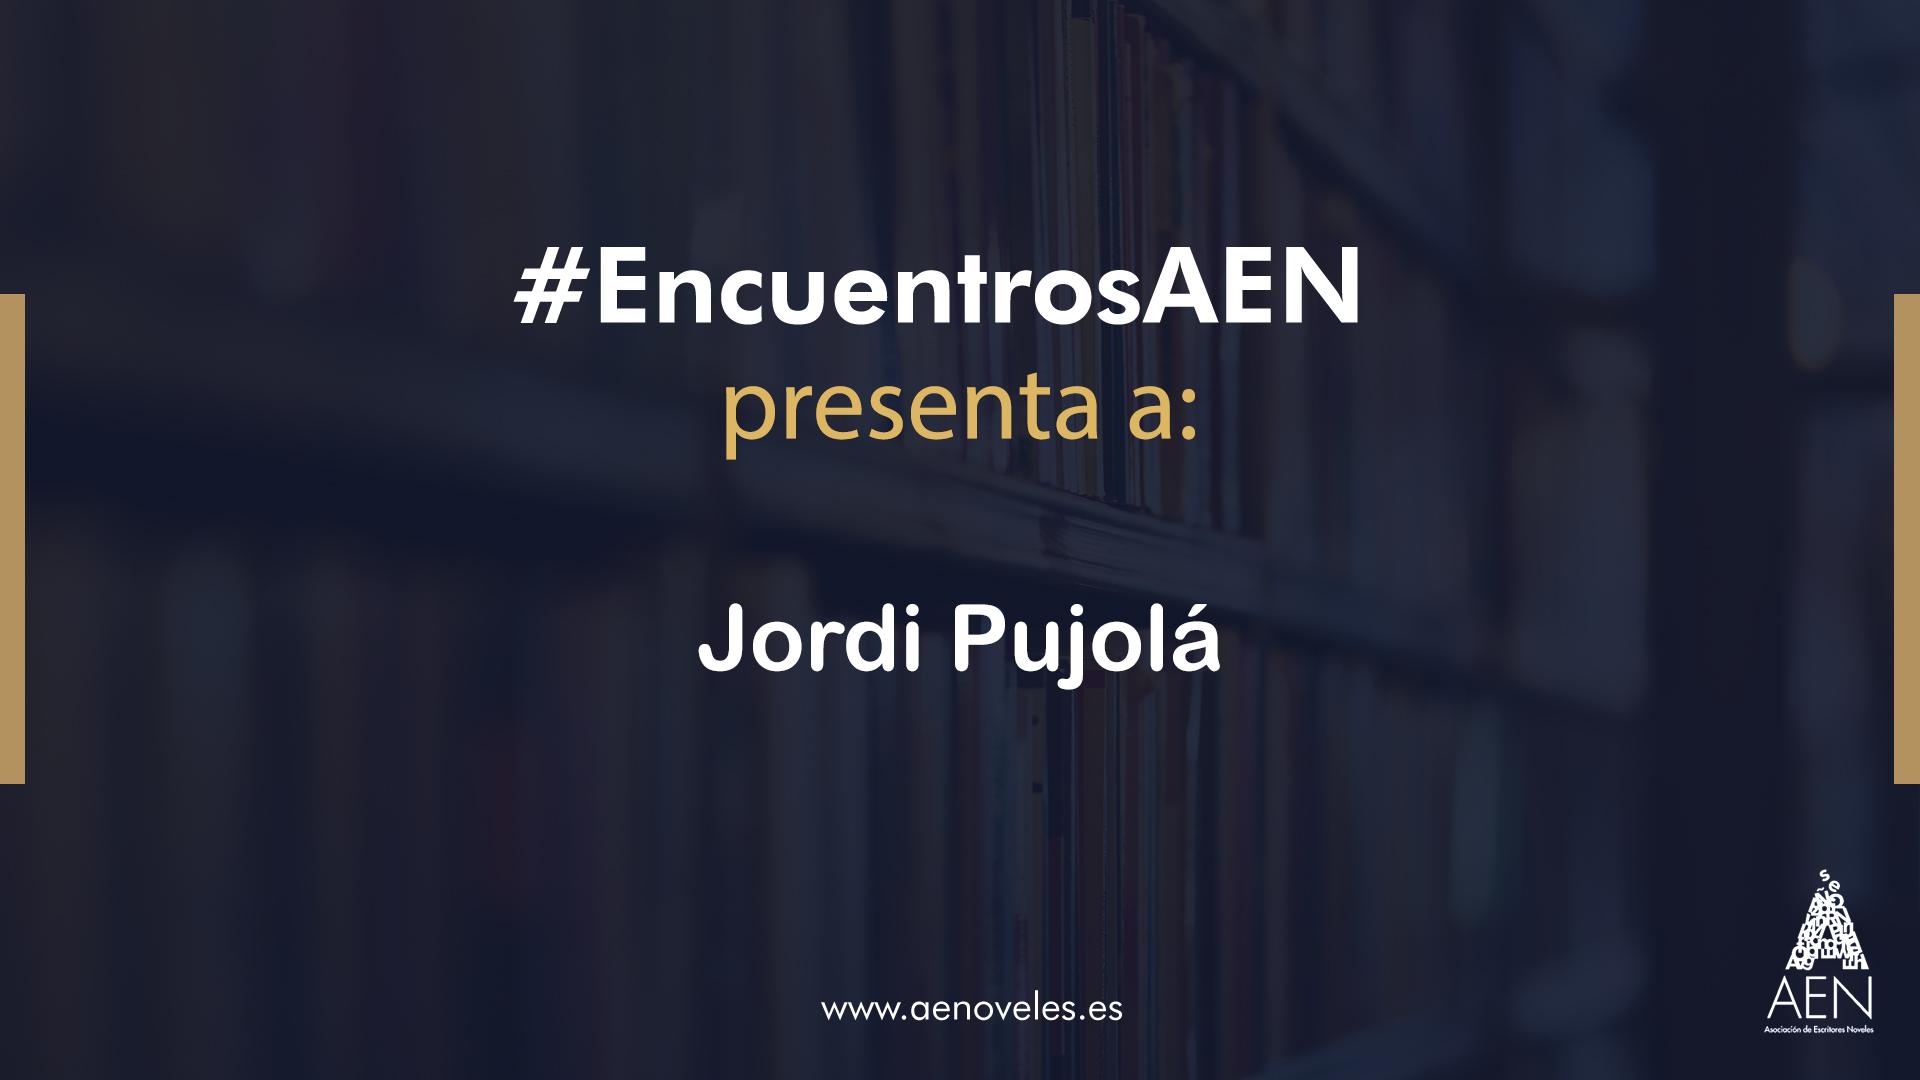 EncuentroAEN con Jordi Pujolá